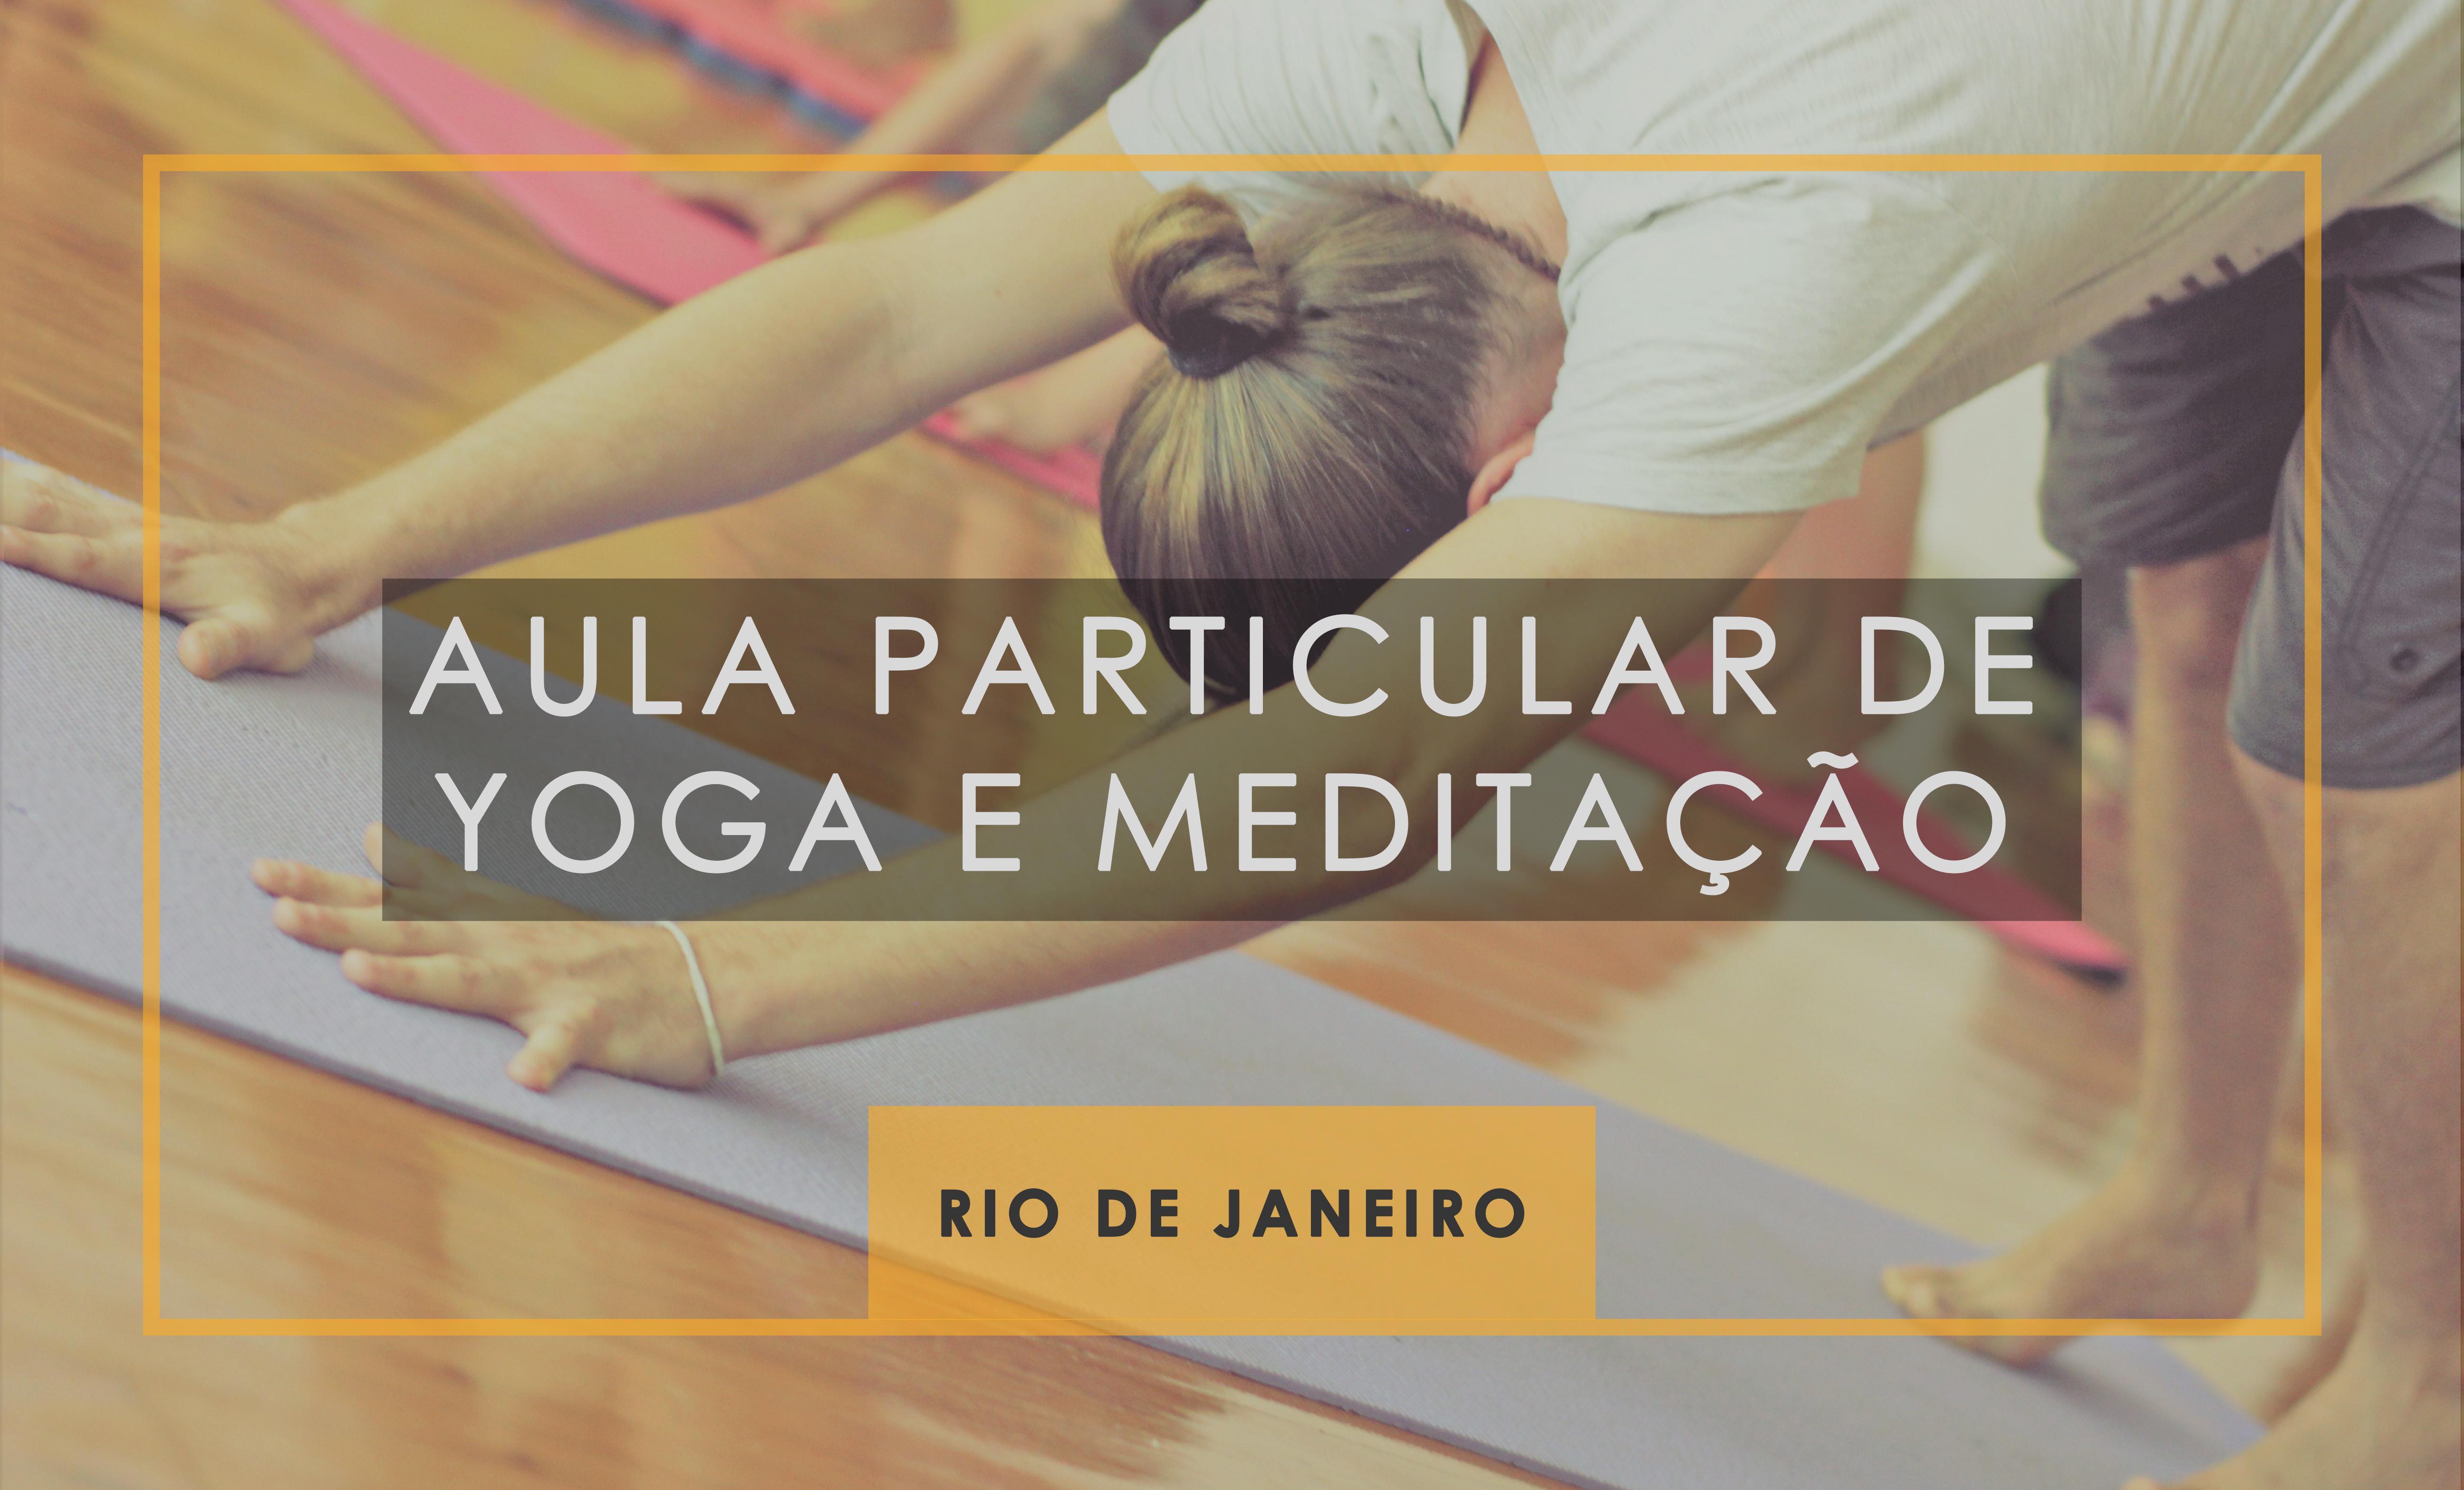 aula-ioga-particular-rio-de-janeiro